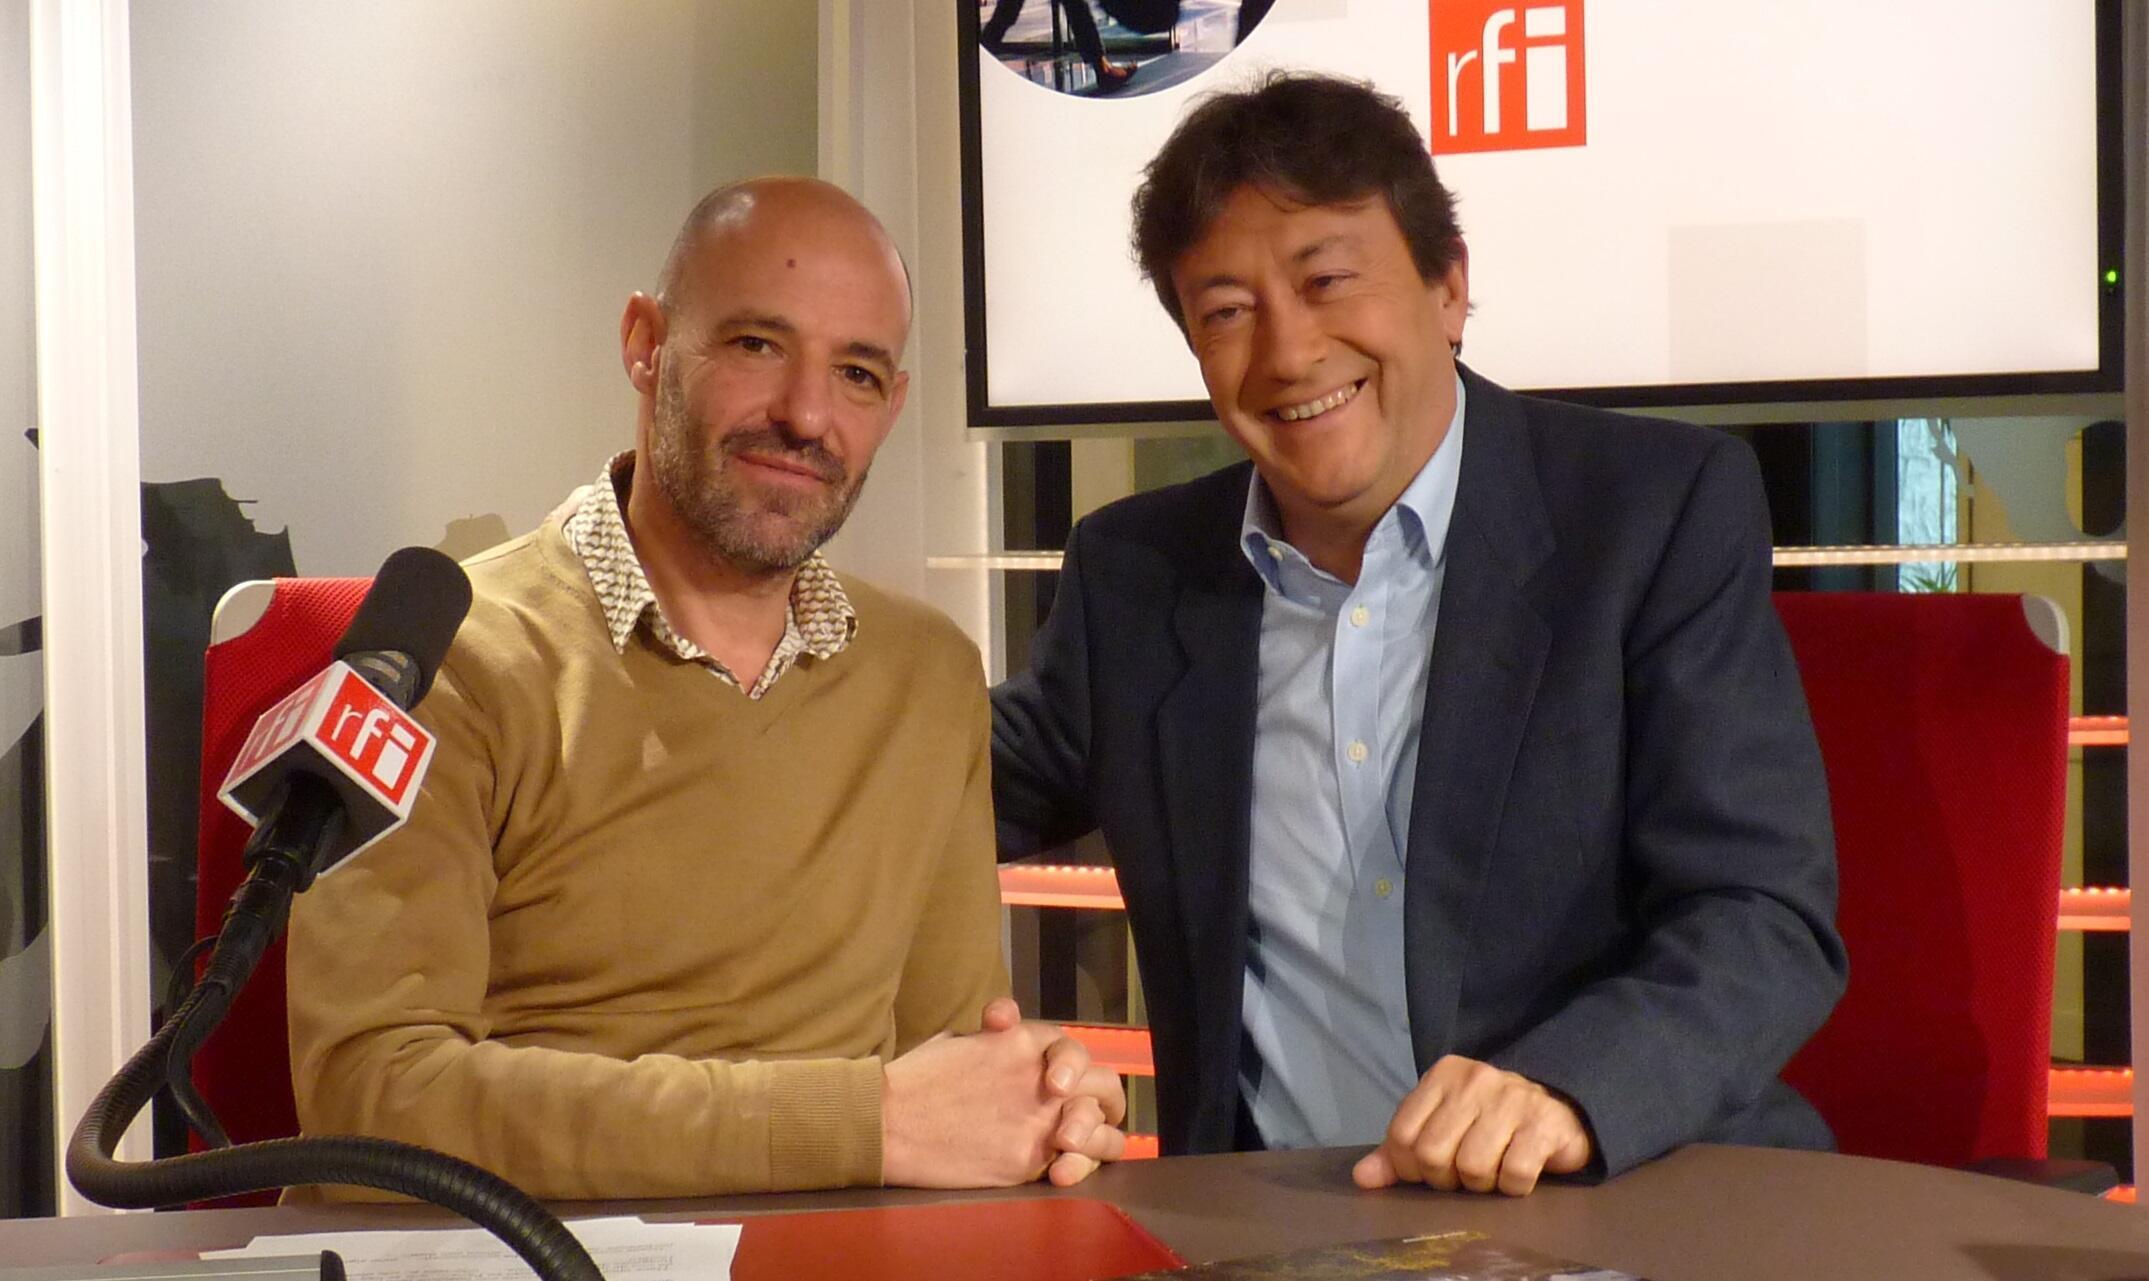 Miguel Rothschild y Jordi Batallé en el estudio 151 de RFI